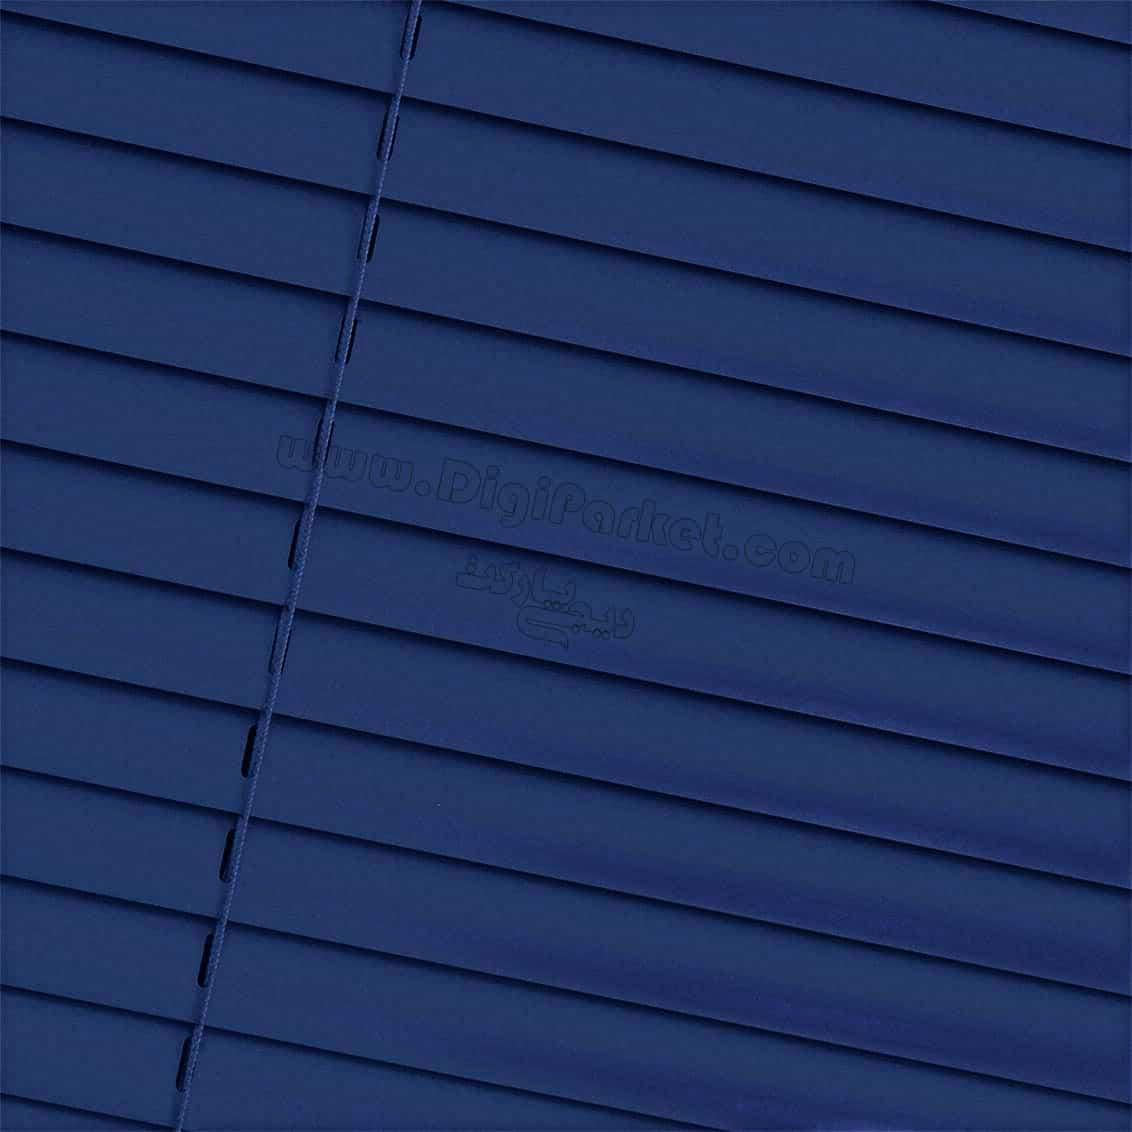 پرده کرکره فلزی آبی کاربنی مات  خوش سایه